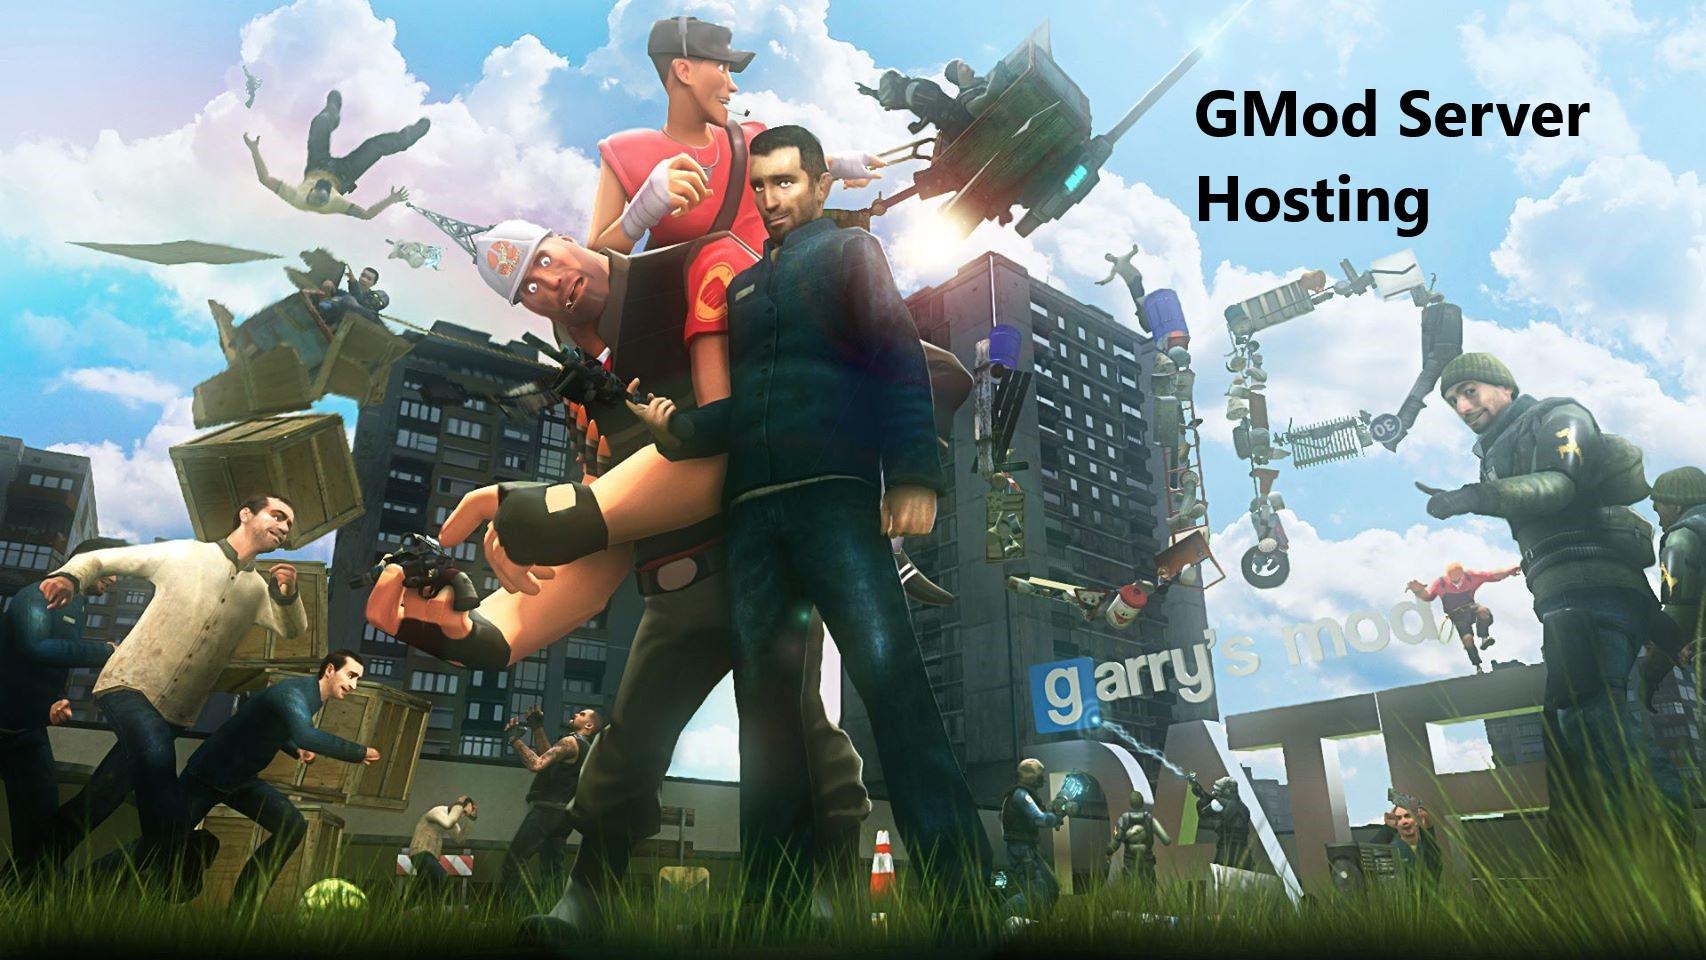 Gmod Server Hosting